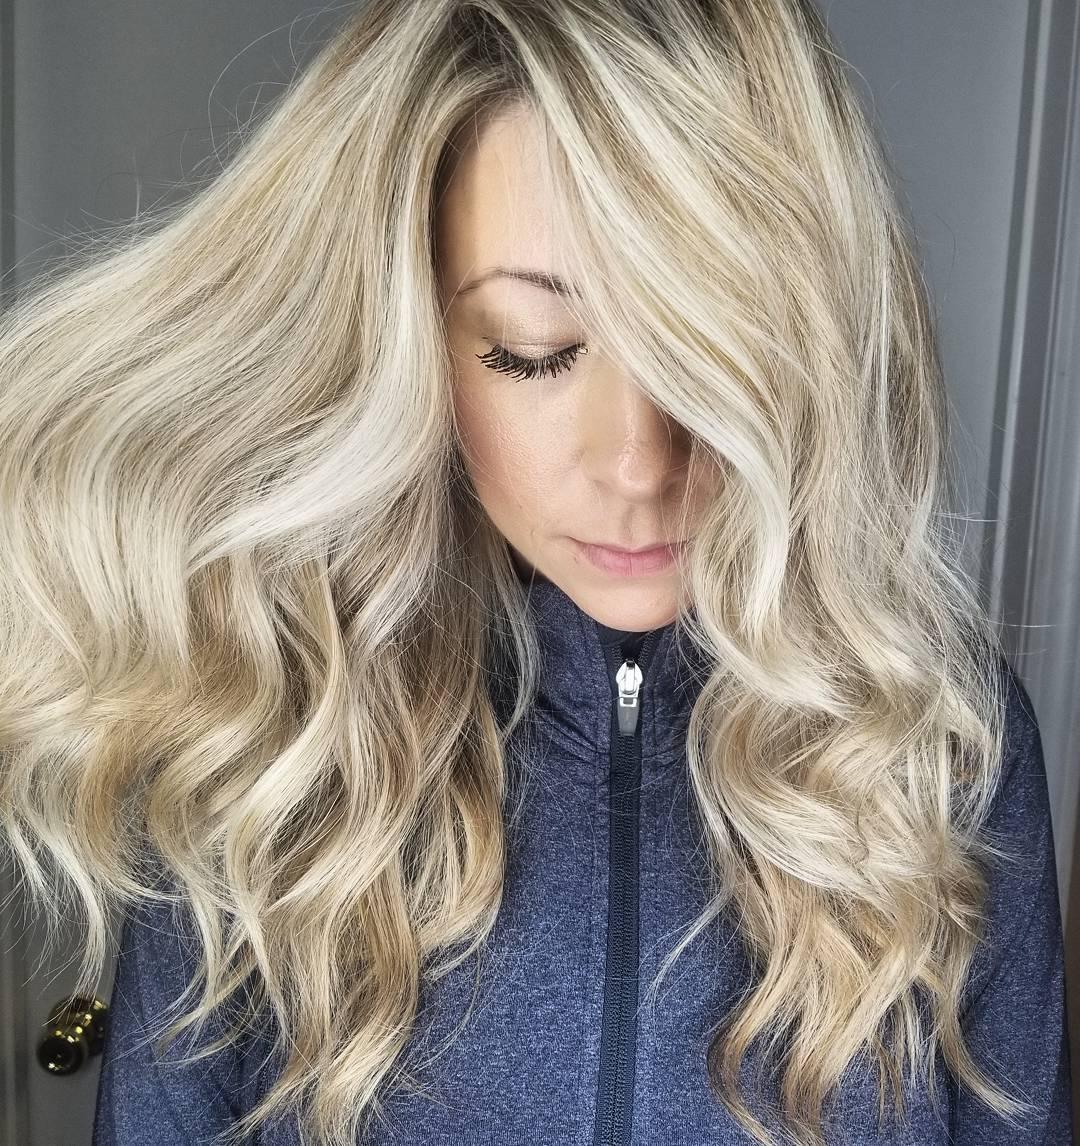 Femme avec des cheveux blond miel clair bouclés avec une raie sur le côté.